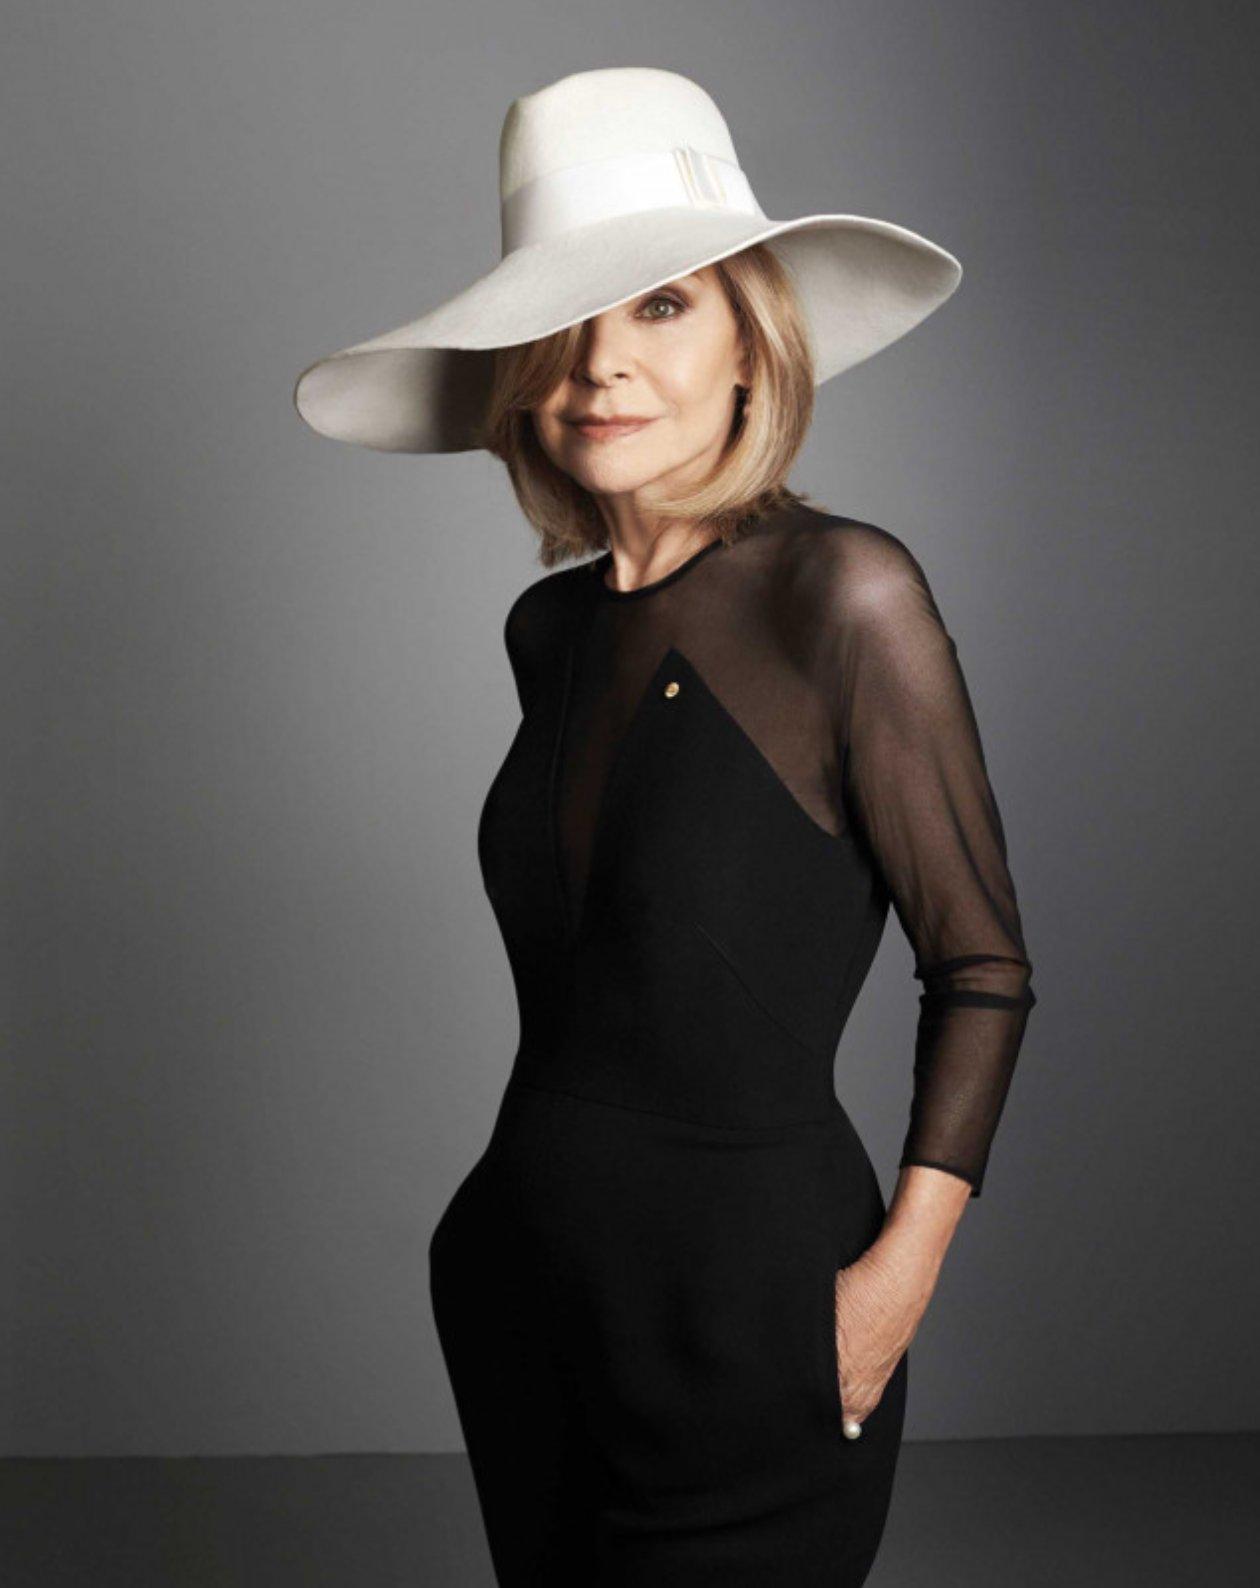 《【摩鑫平台网址】澳大利亚时尚先驱、著名时装设计师Carla Zampatti 去世,享年78岁》